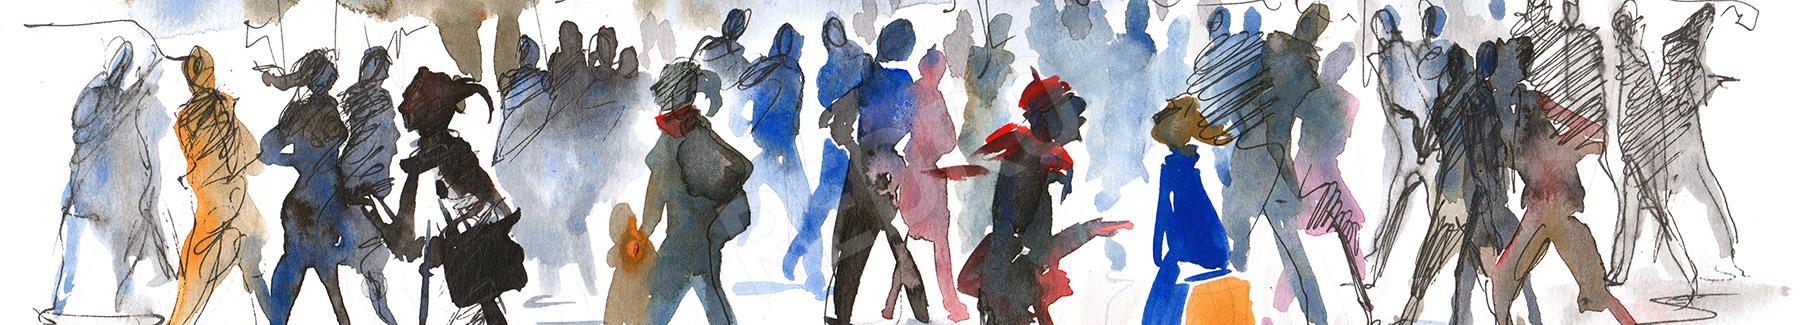 Obraz tłum ludzi